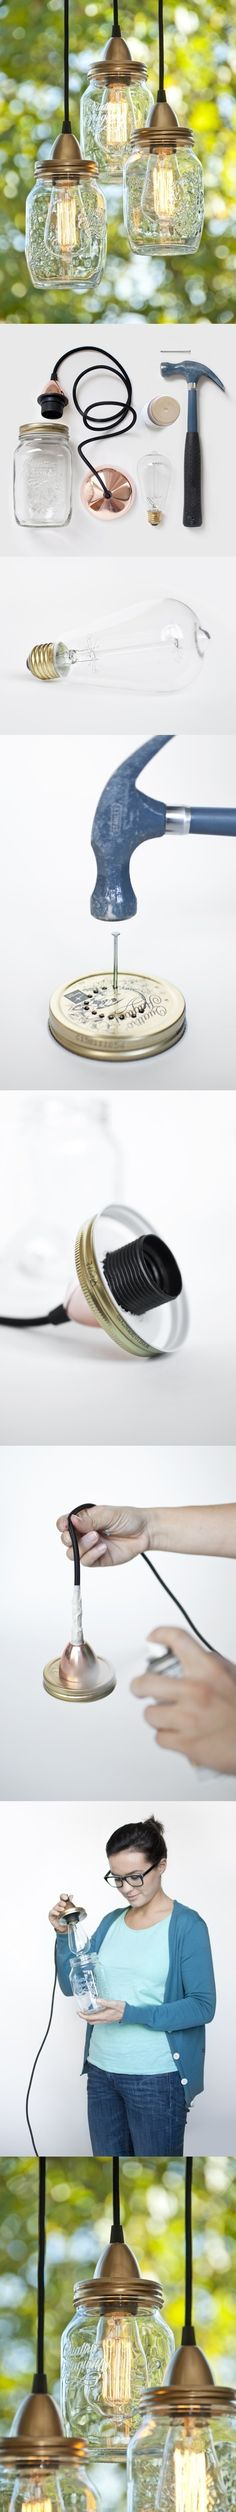 Csináld magad kerti lámpa befőttes üvegből